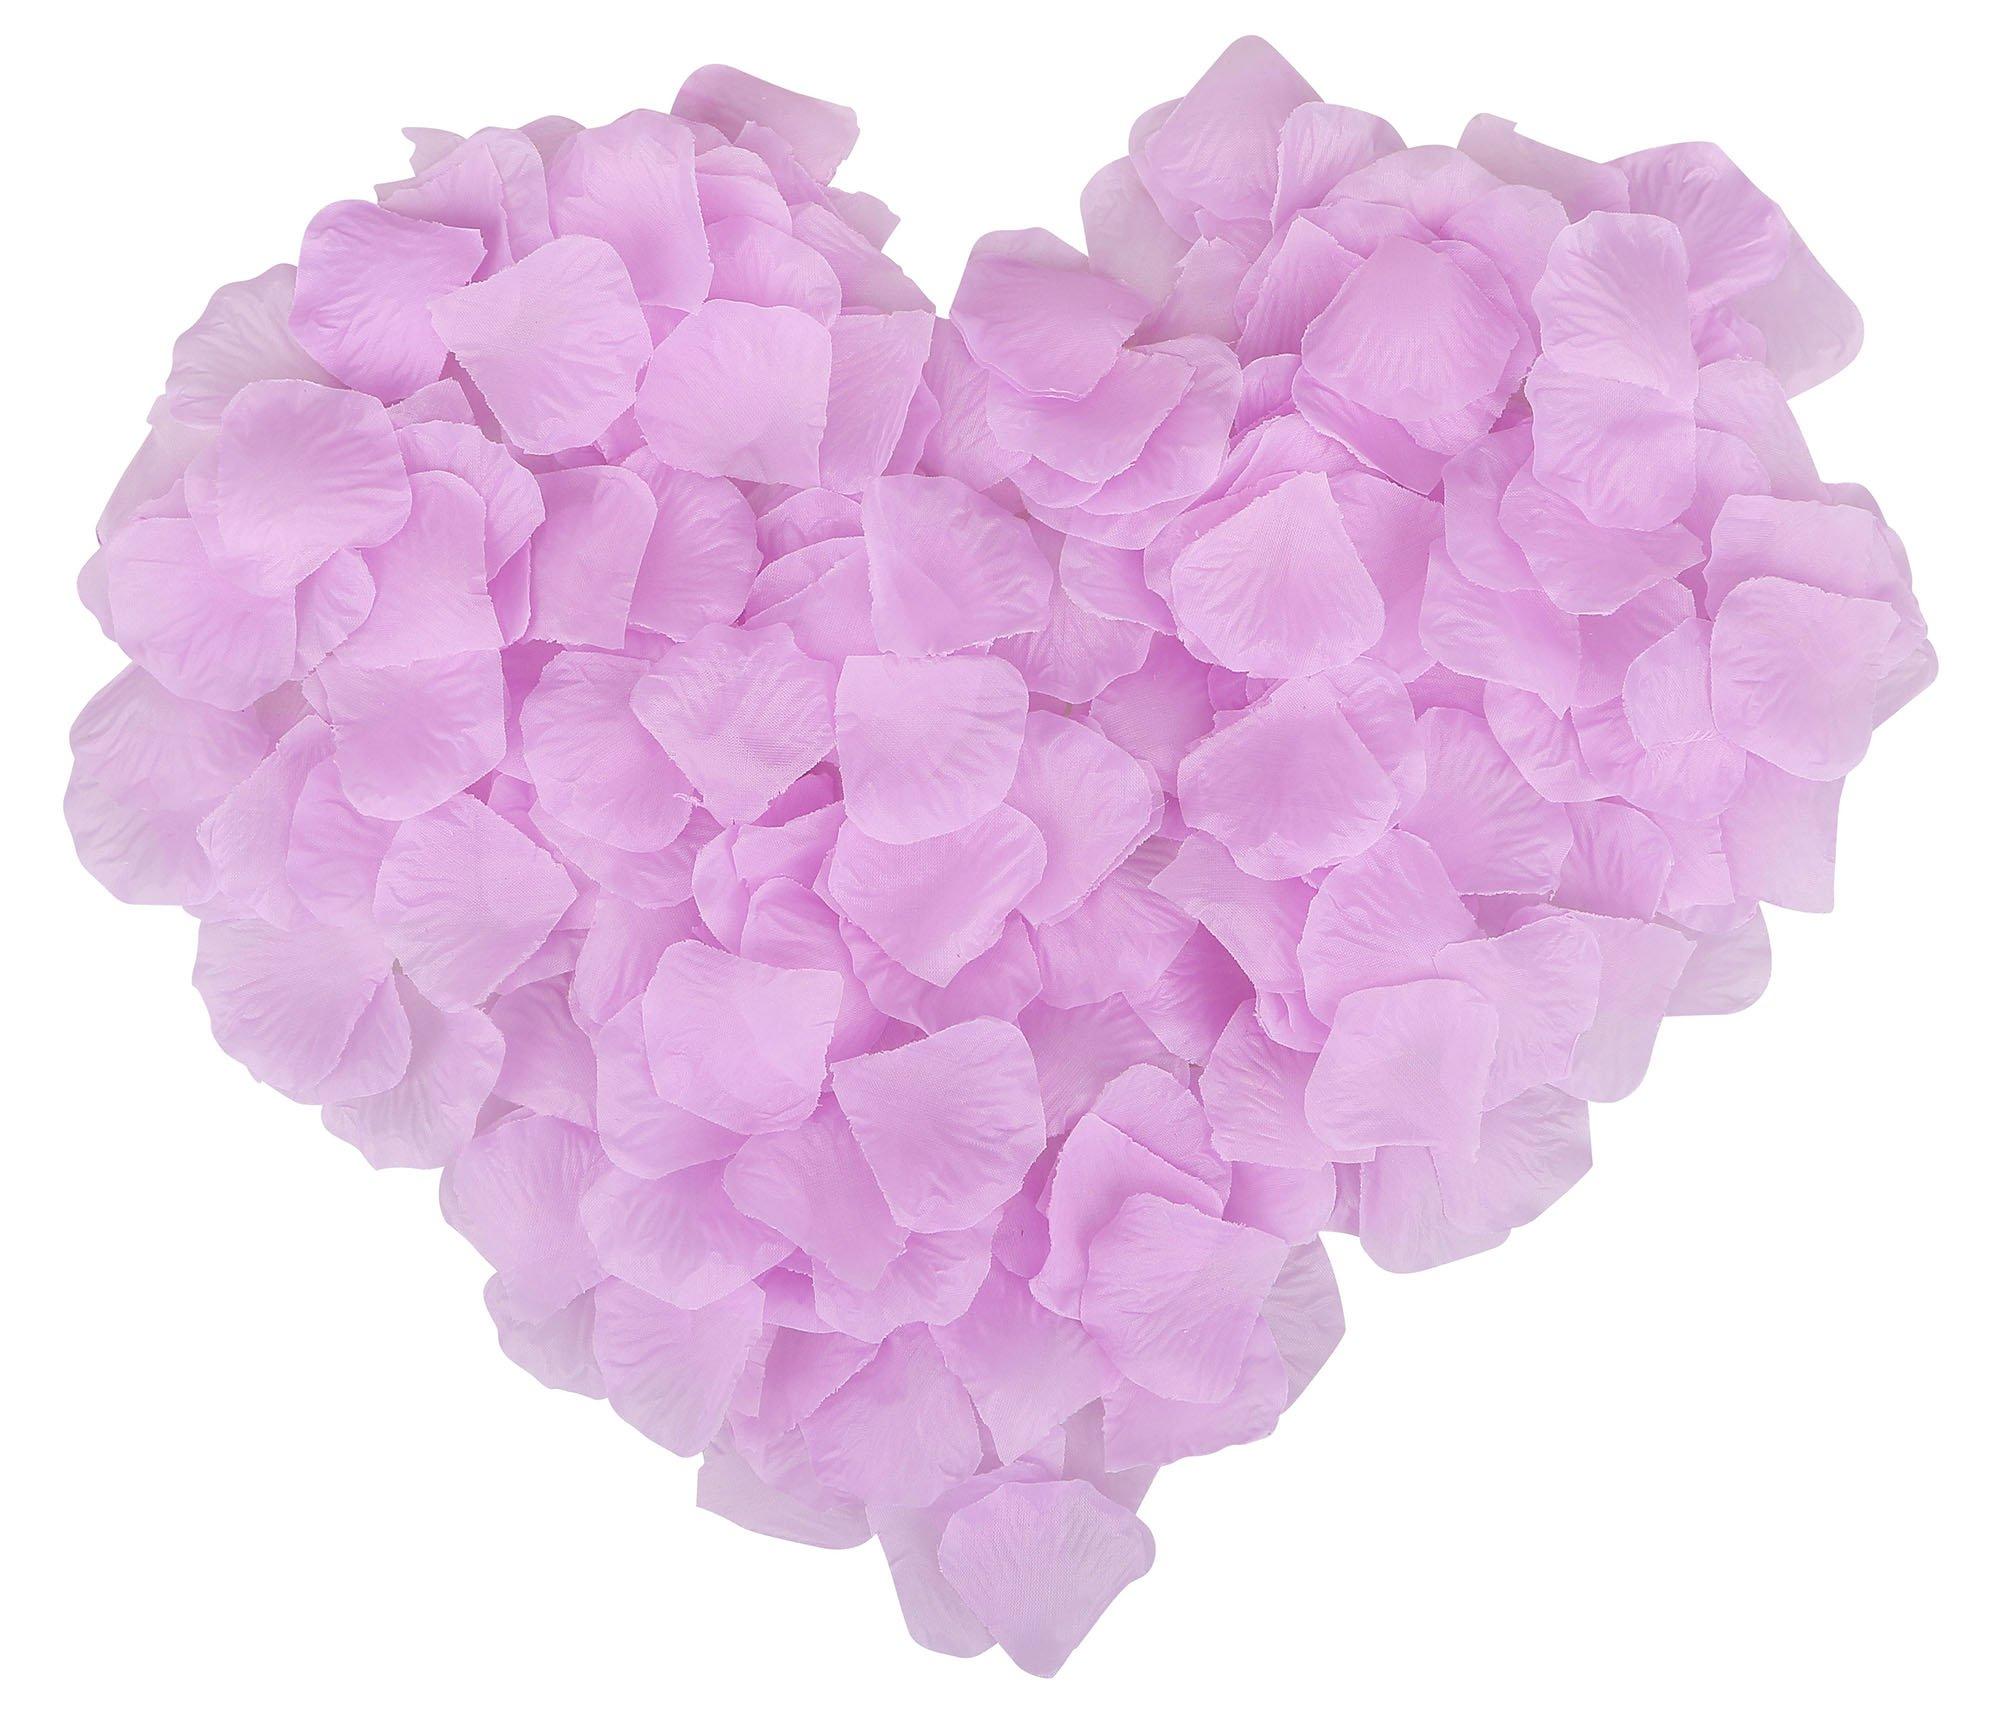 Ablest-1000-Pcs-Wedding-Bridal-Shower-Decoration-Artificial-Silk-Flower-Petals-Light-Purple